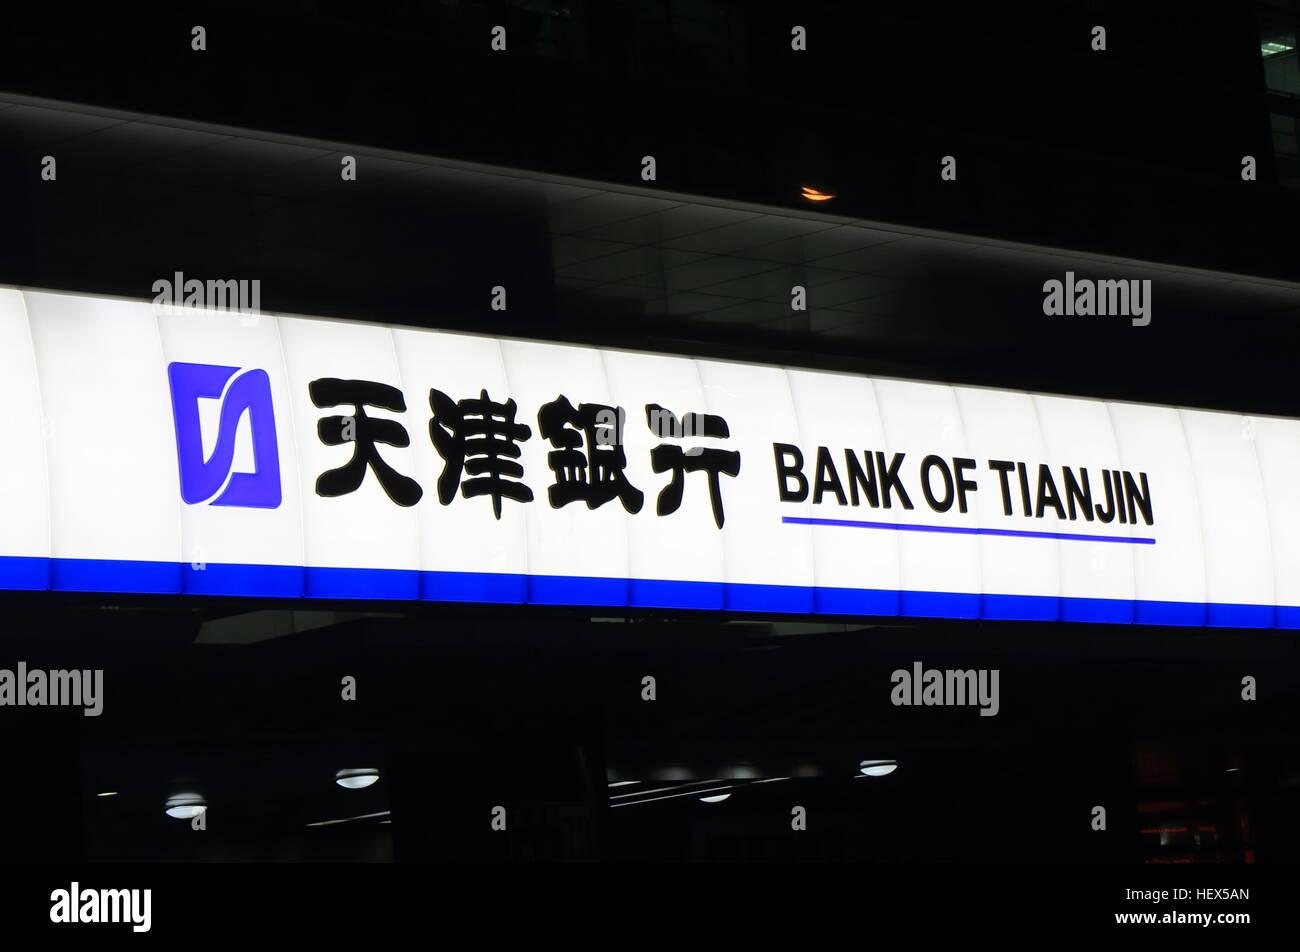 Banca di Tianjin. Banca di Tianjin è una banca commerciale con sede a Tianjin Cina e regolata dalla Banca Popolare Immagini Stock